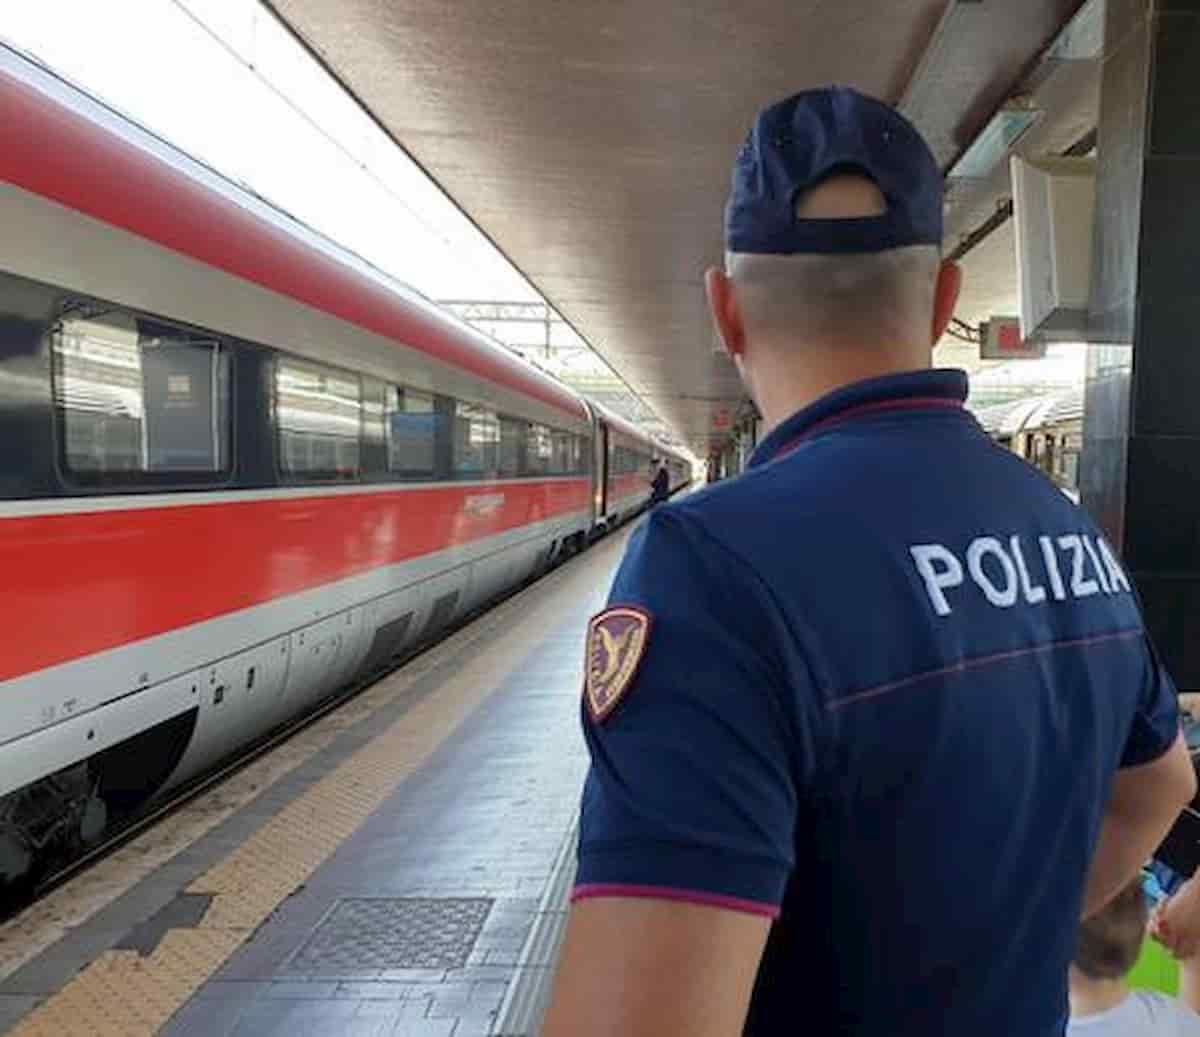 Poliziotto salva anziano colto da infarto